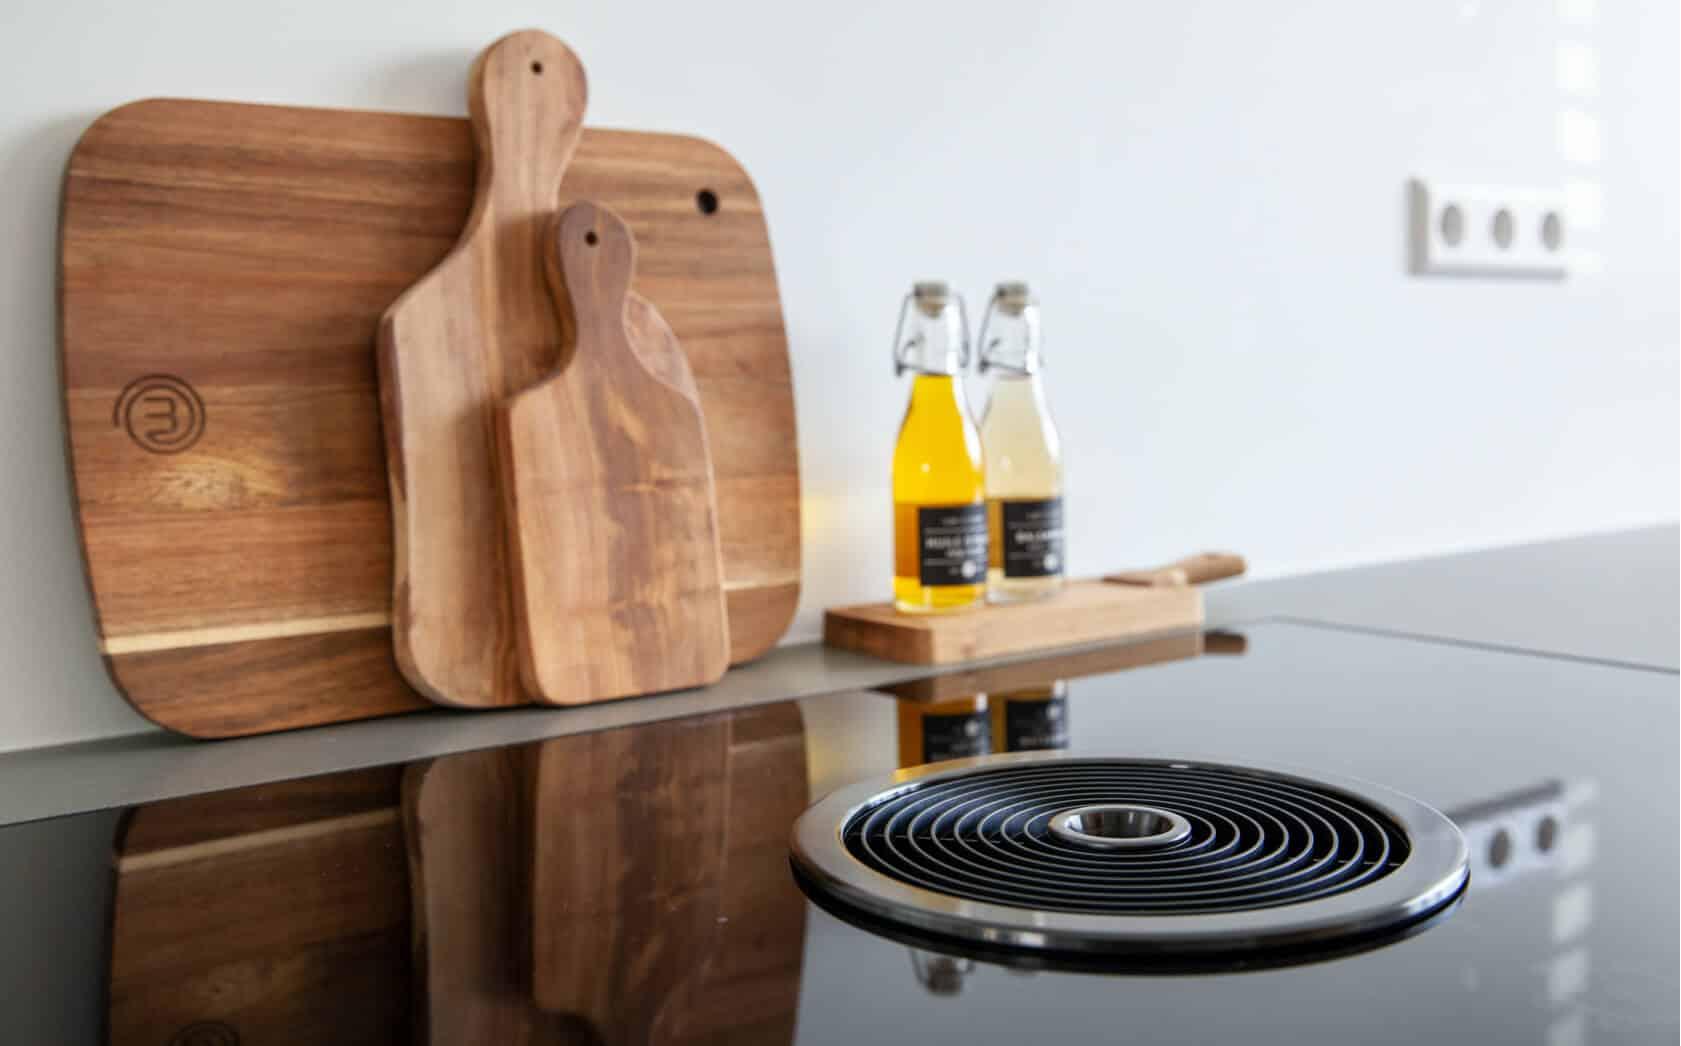 BORA kookplaten voor de keuken